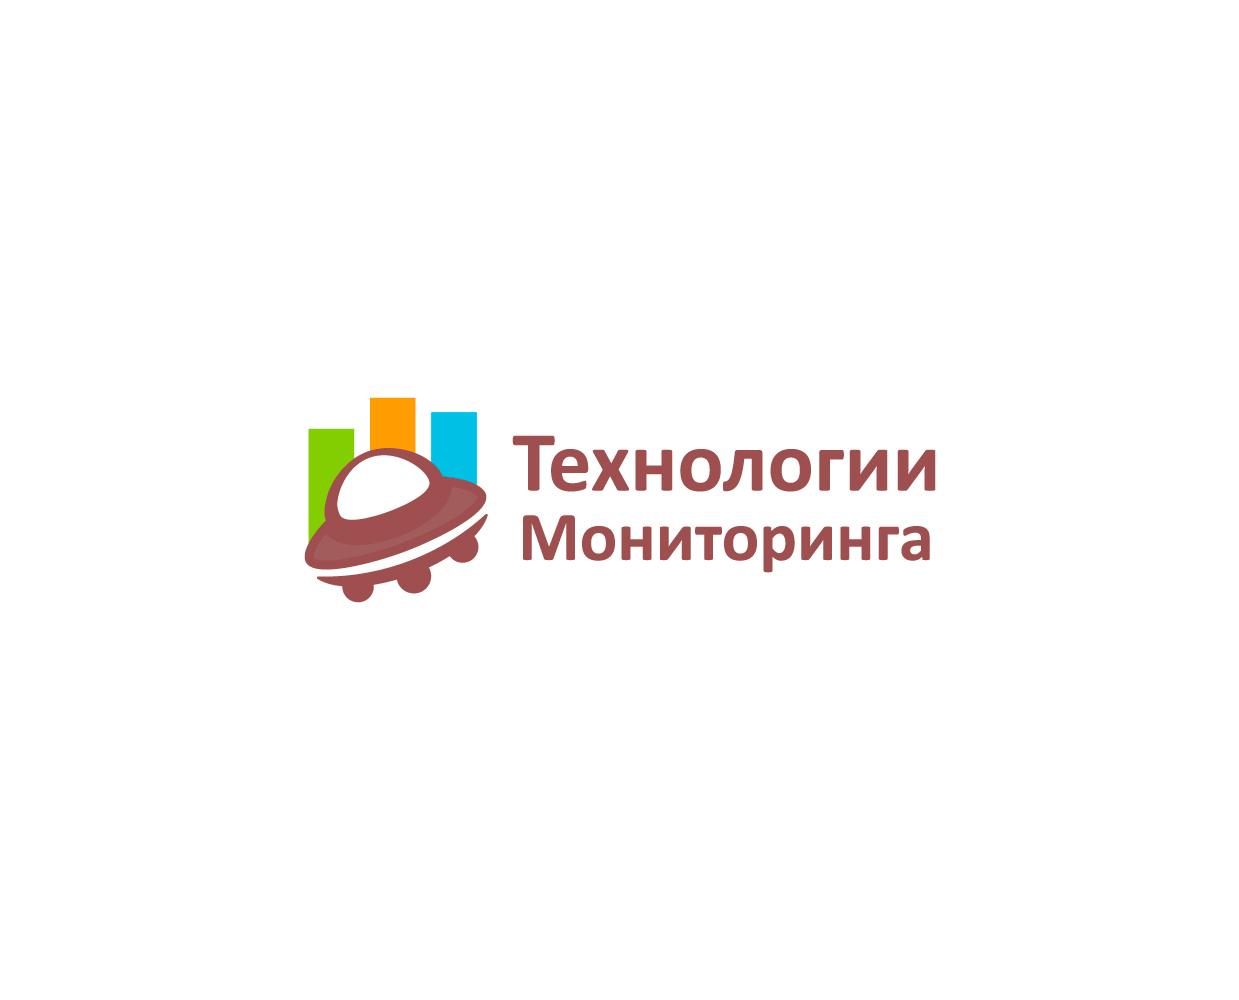 Разработка логотипа фото f_8555977fced86cd9.jpg